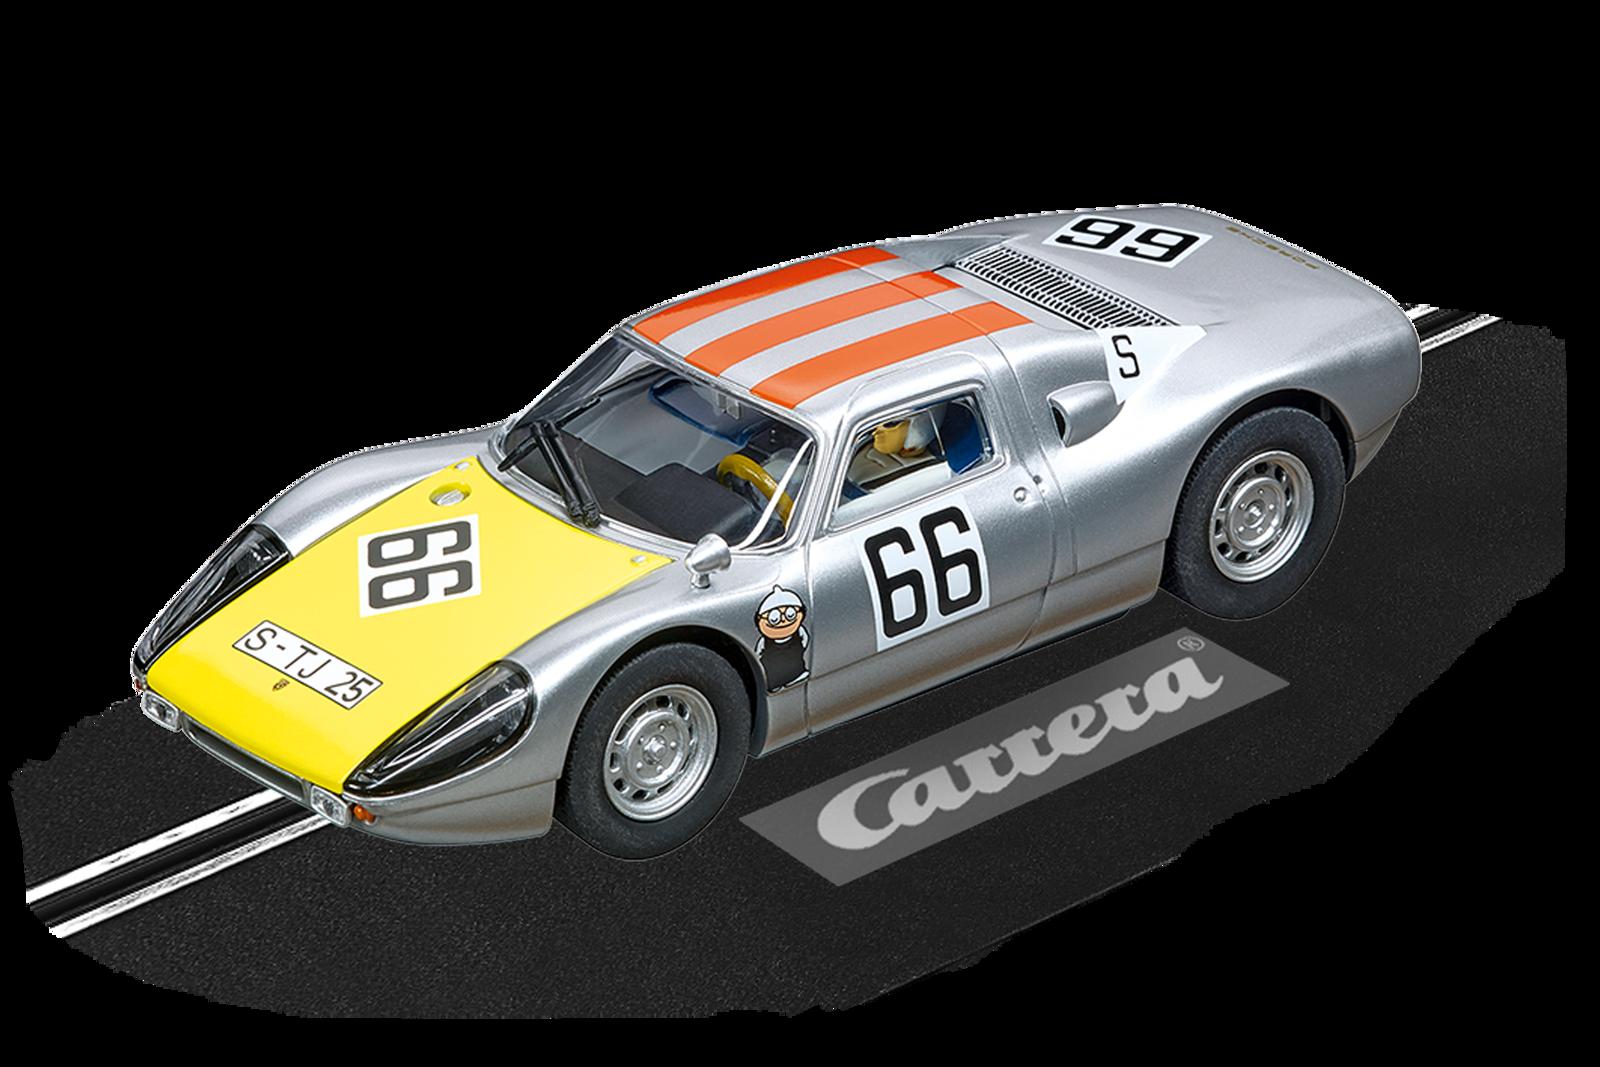 Porsche 904 Carrera Gts No 66 20027613 Carrera Slotcar Rc